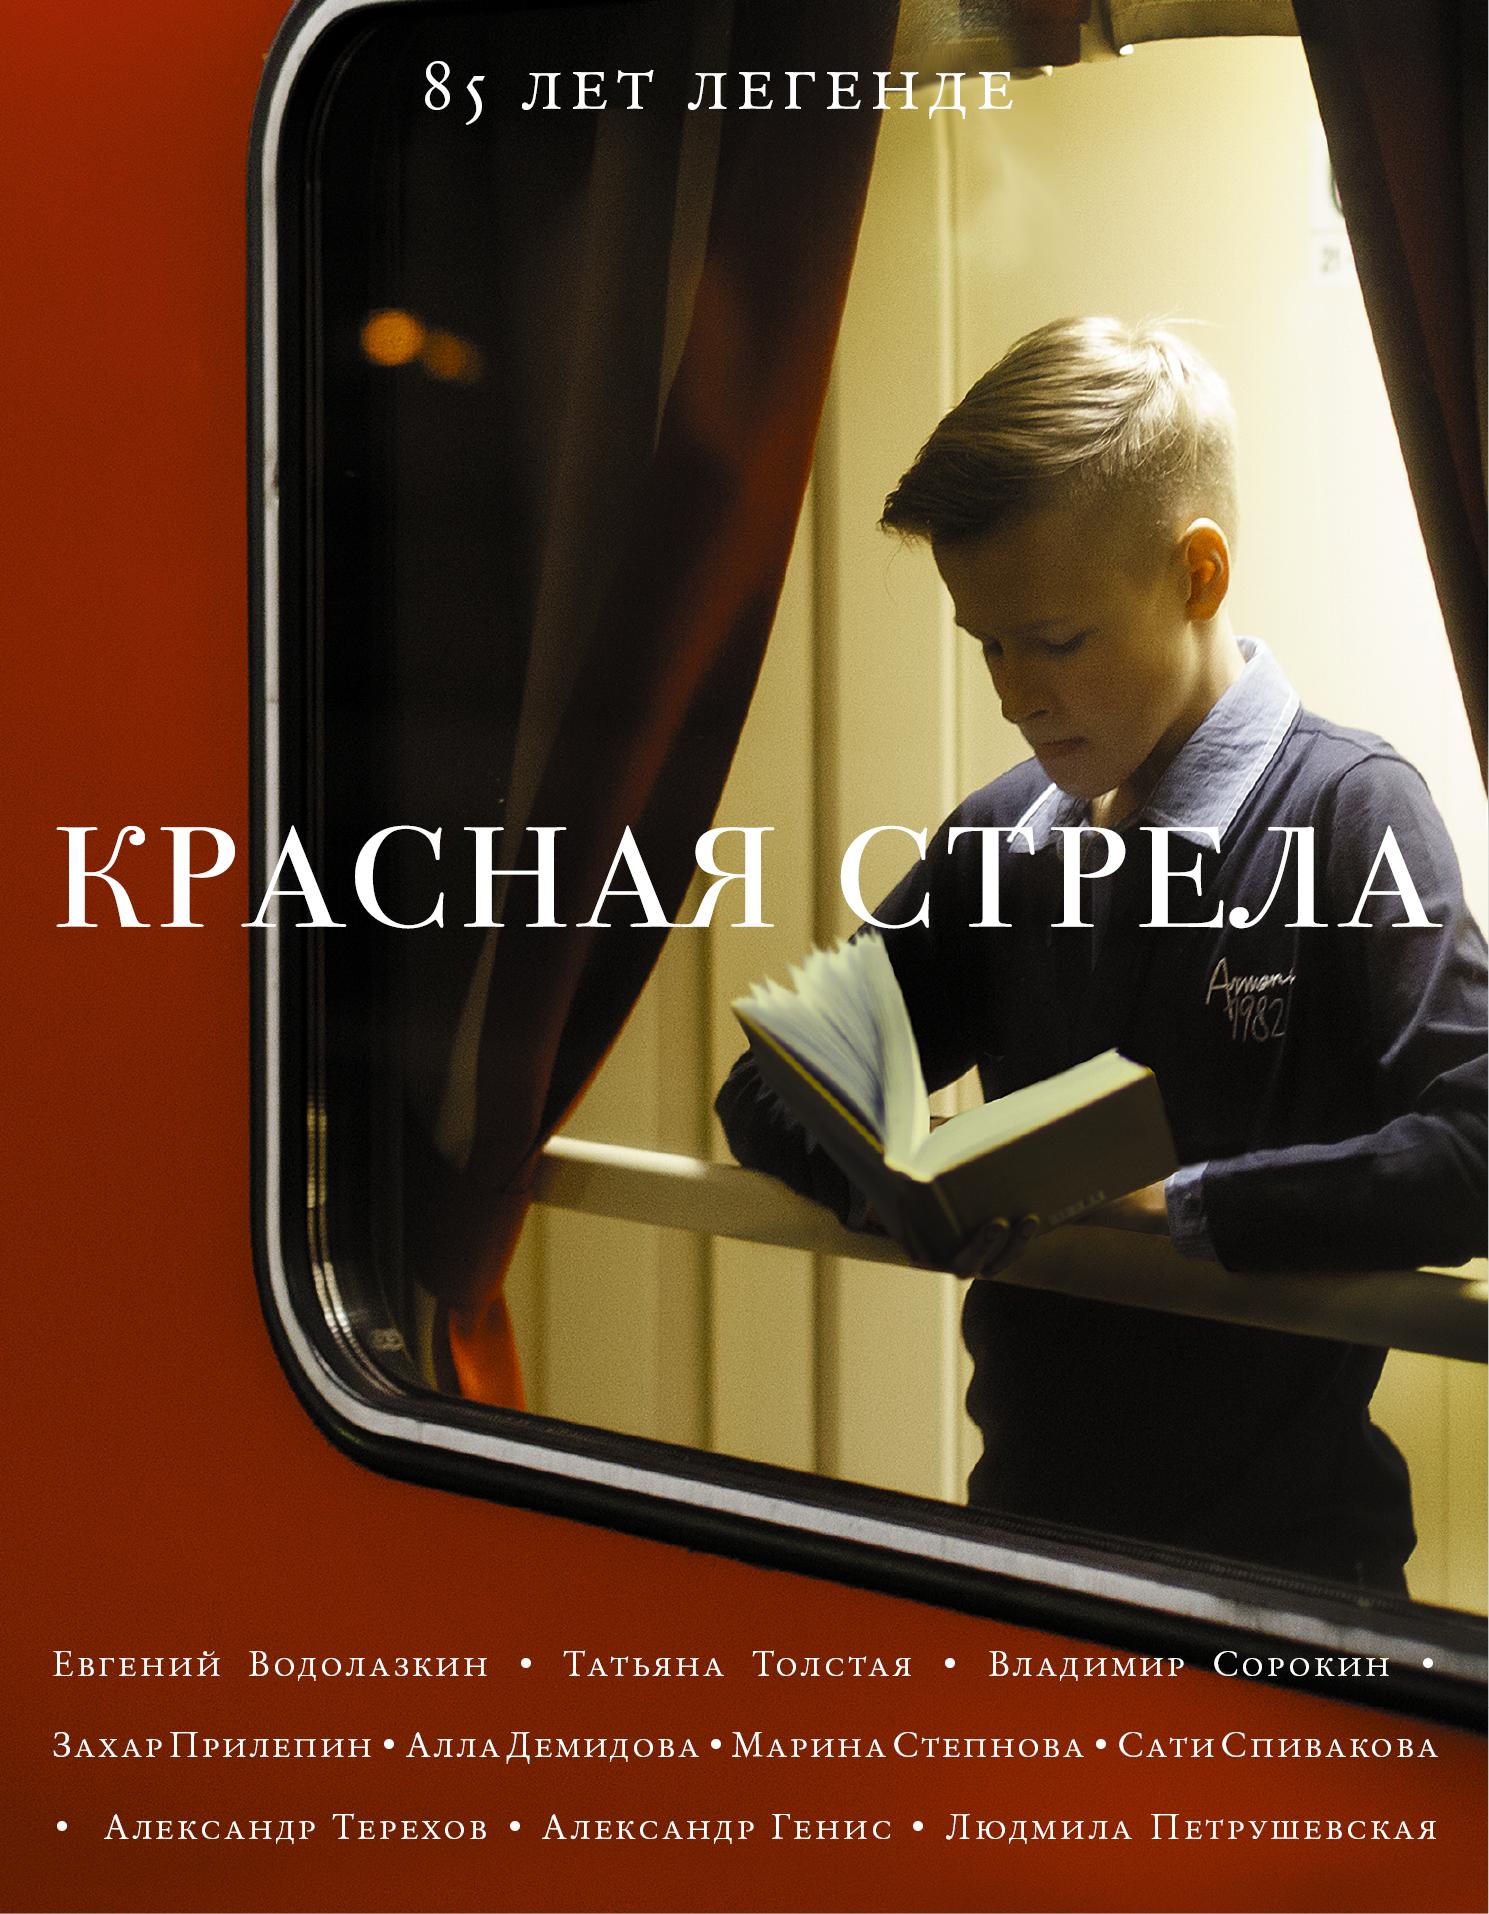 Сборник Красная стрела. 85 лет легенде николаевич с нубина е сост красная стрела 85 лет легенде